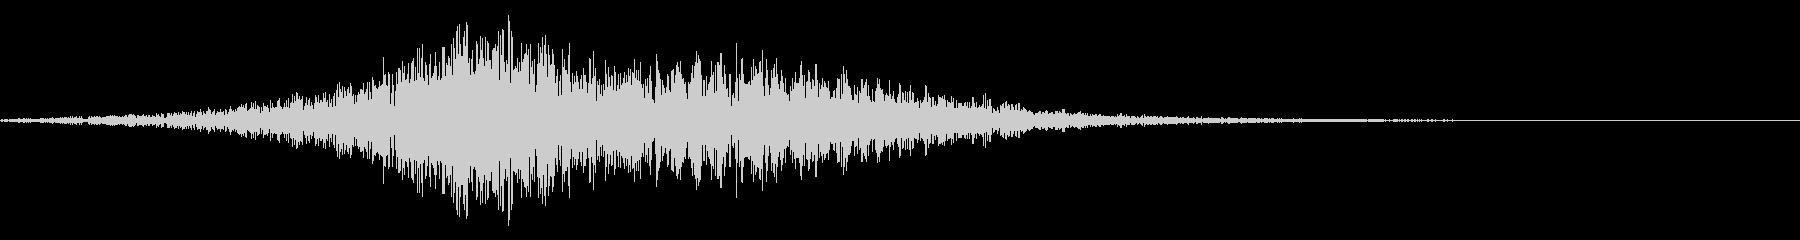 ゲームオーバー(ホラー・ノイズ)1の未再生の波形